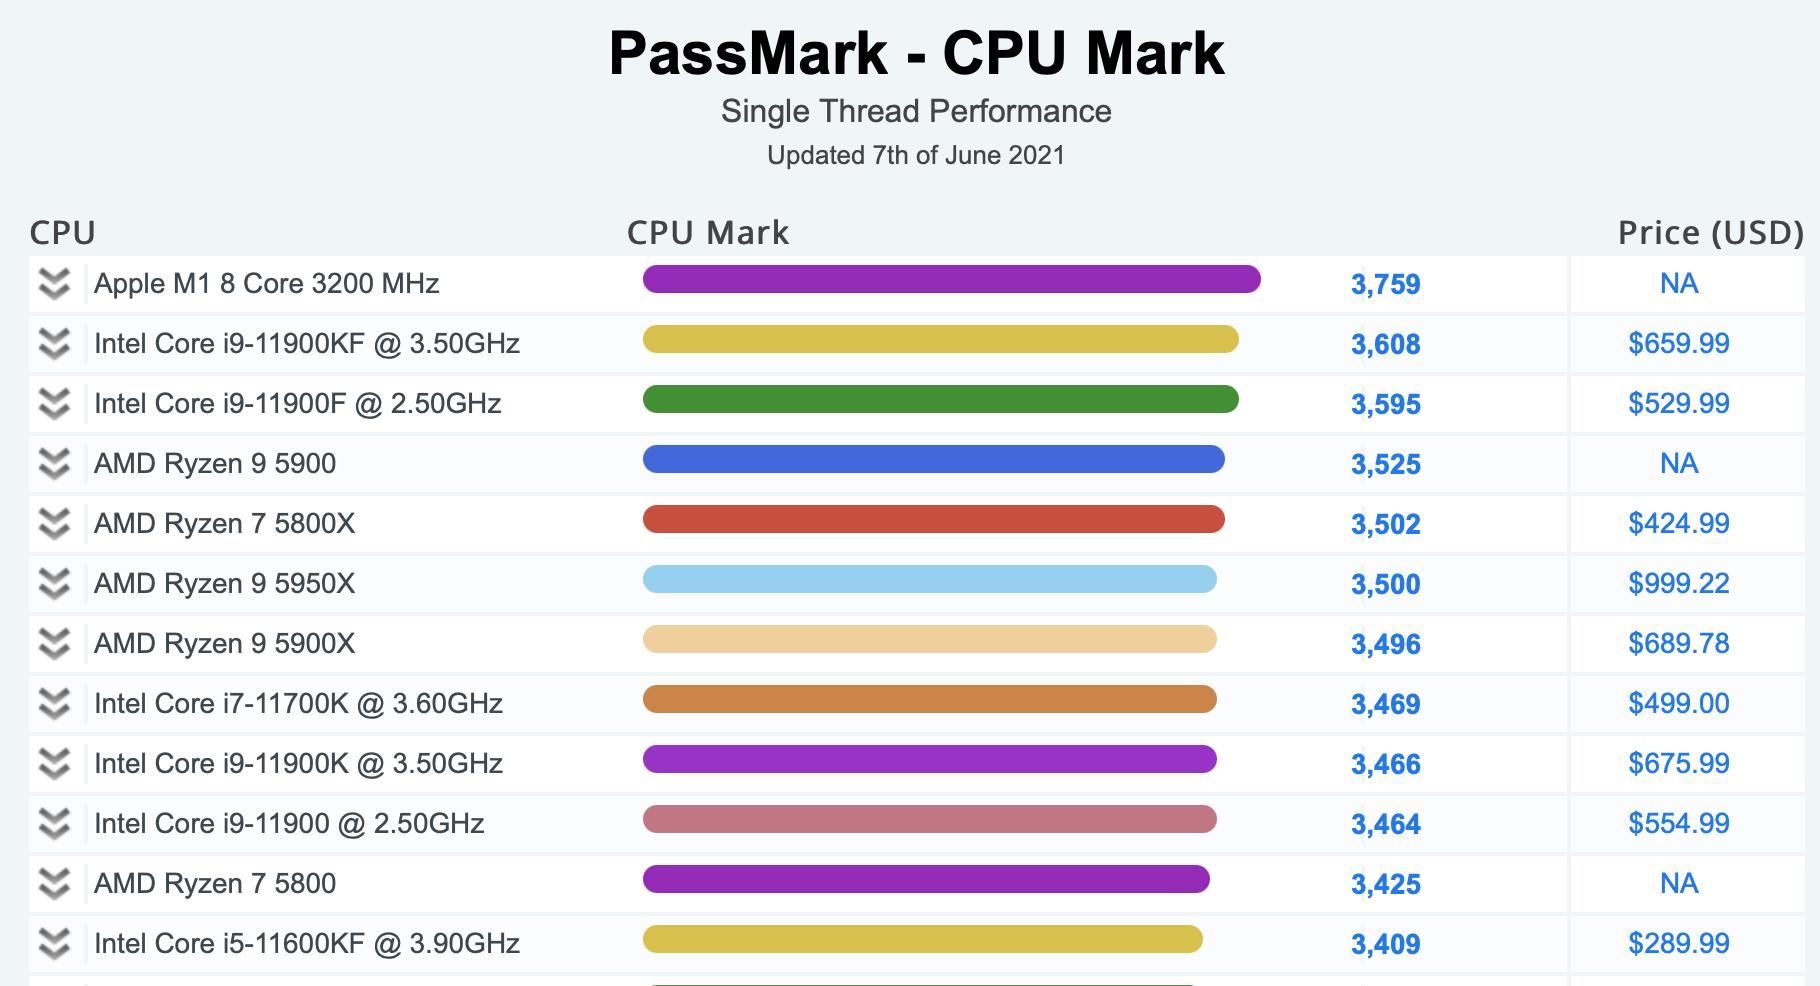 Der Apple M1 Chip schlägt derzeit die Produkte der anderen Chiphersteller